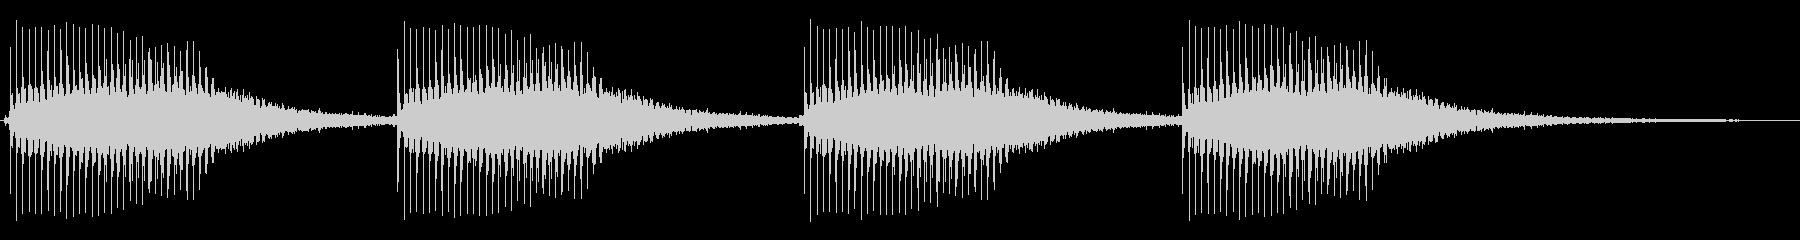 「ラスボスが出て来そうな音」の未再生の波形